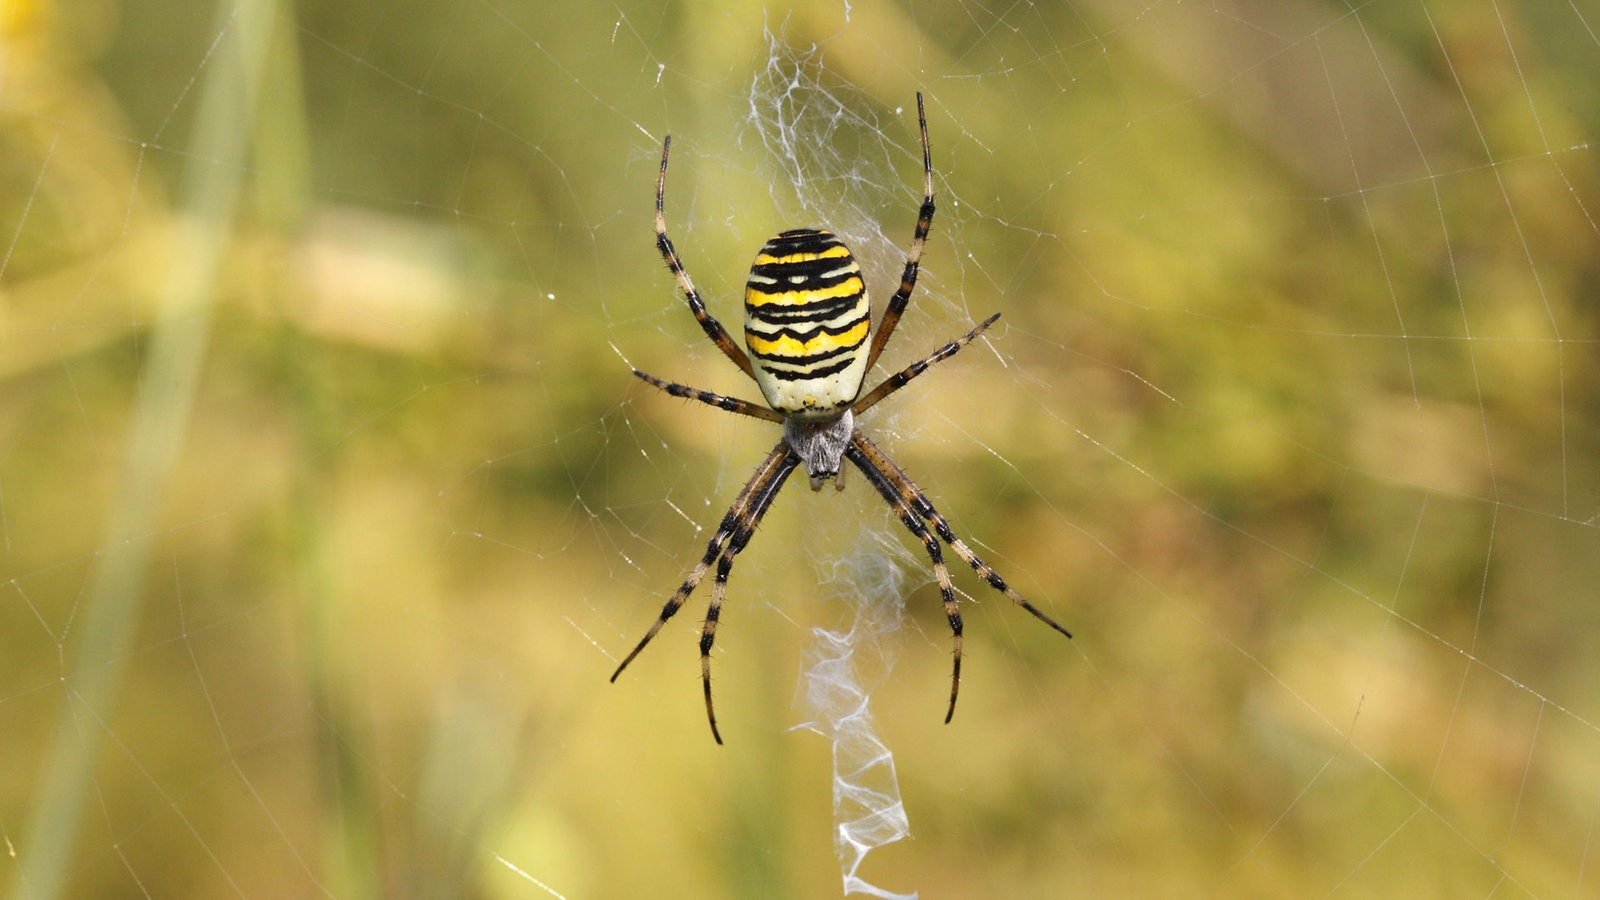 spinnen heimische spinnenarten spinnen insekten und spinnentiere natur planet wissen. Black Bedroom Furniture Sets. Home Design Ideas